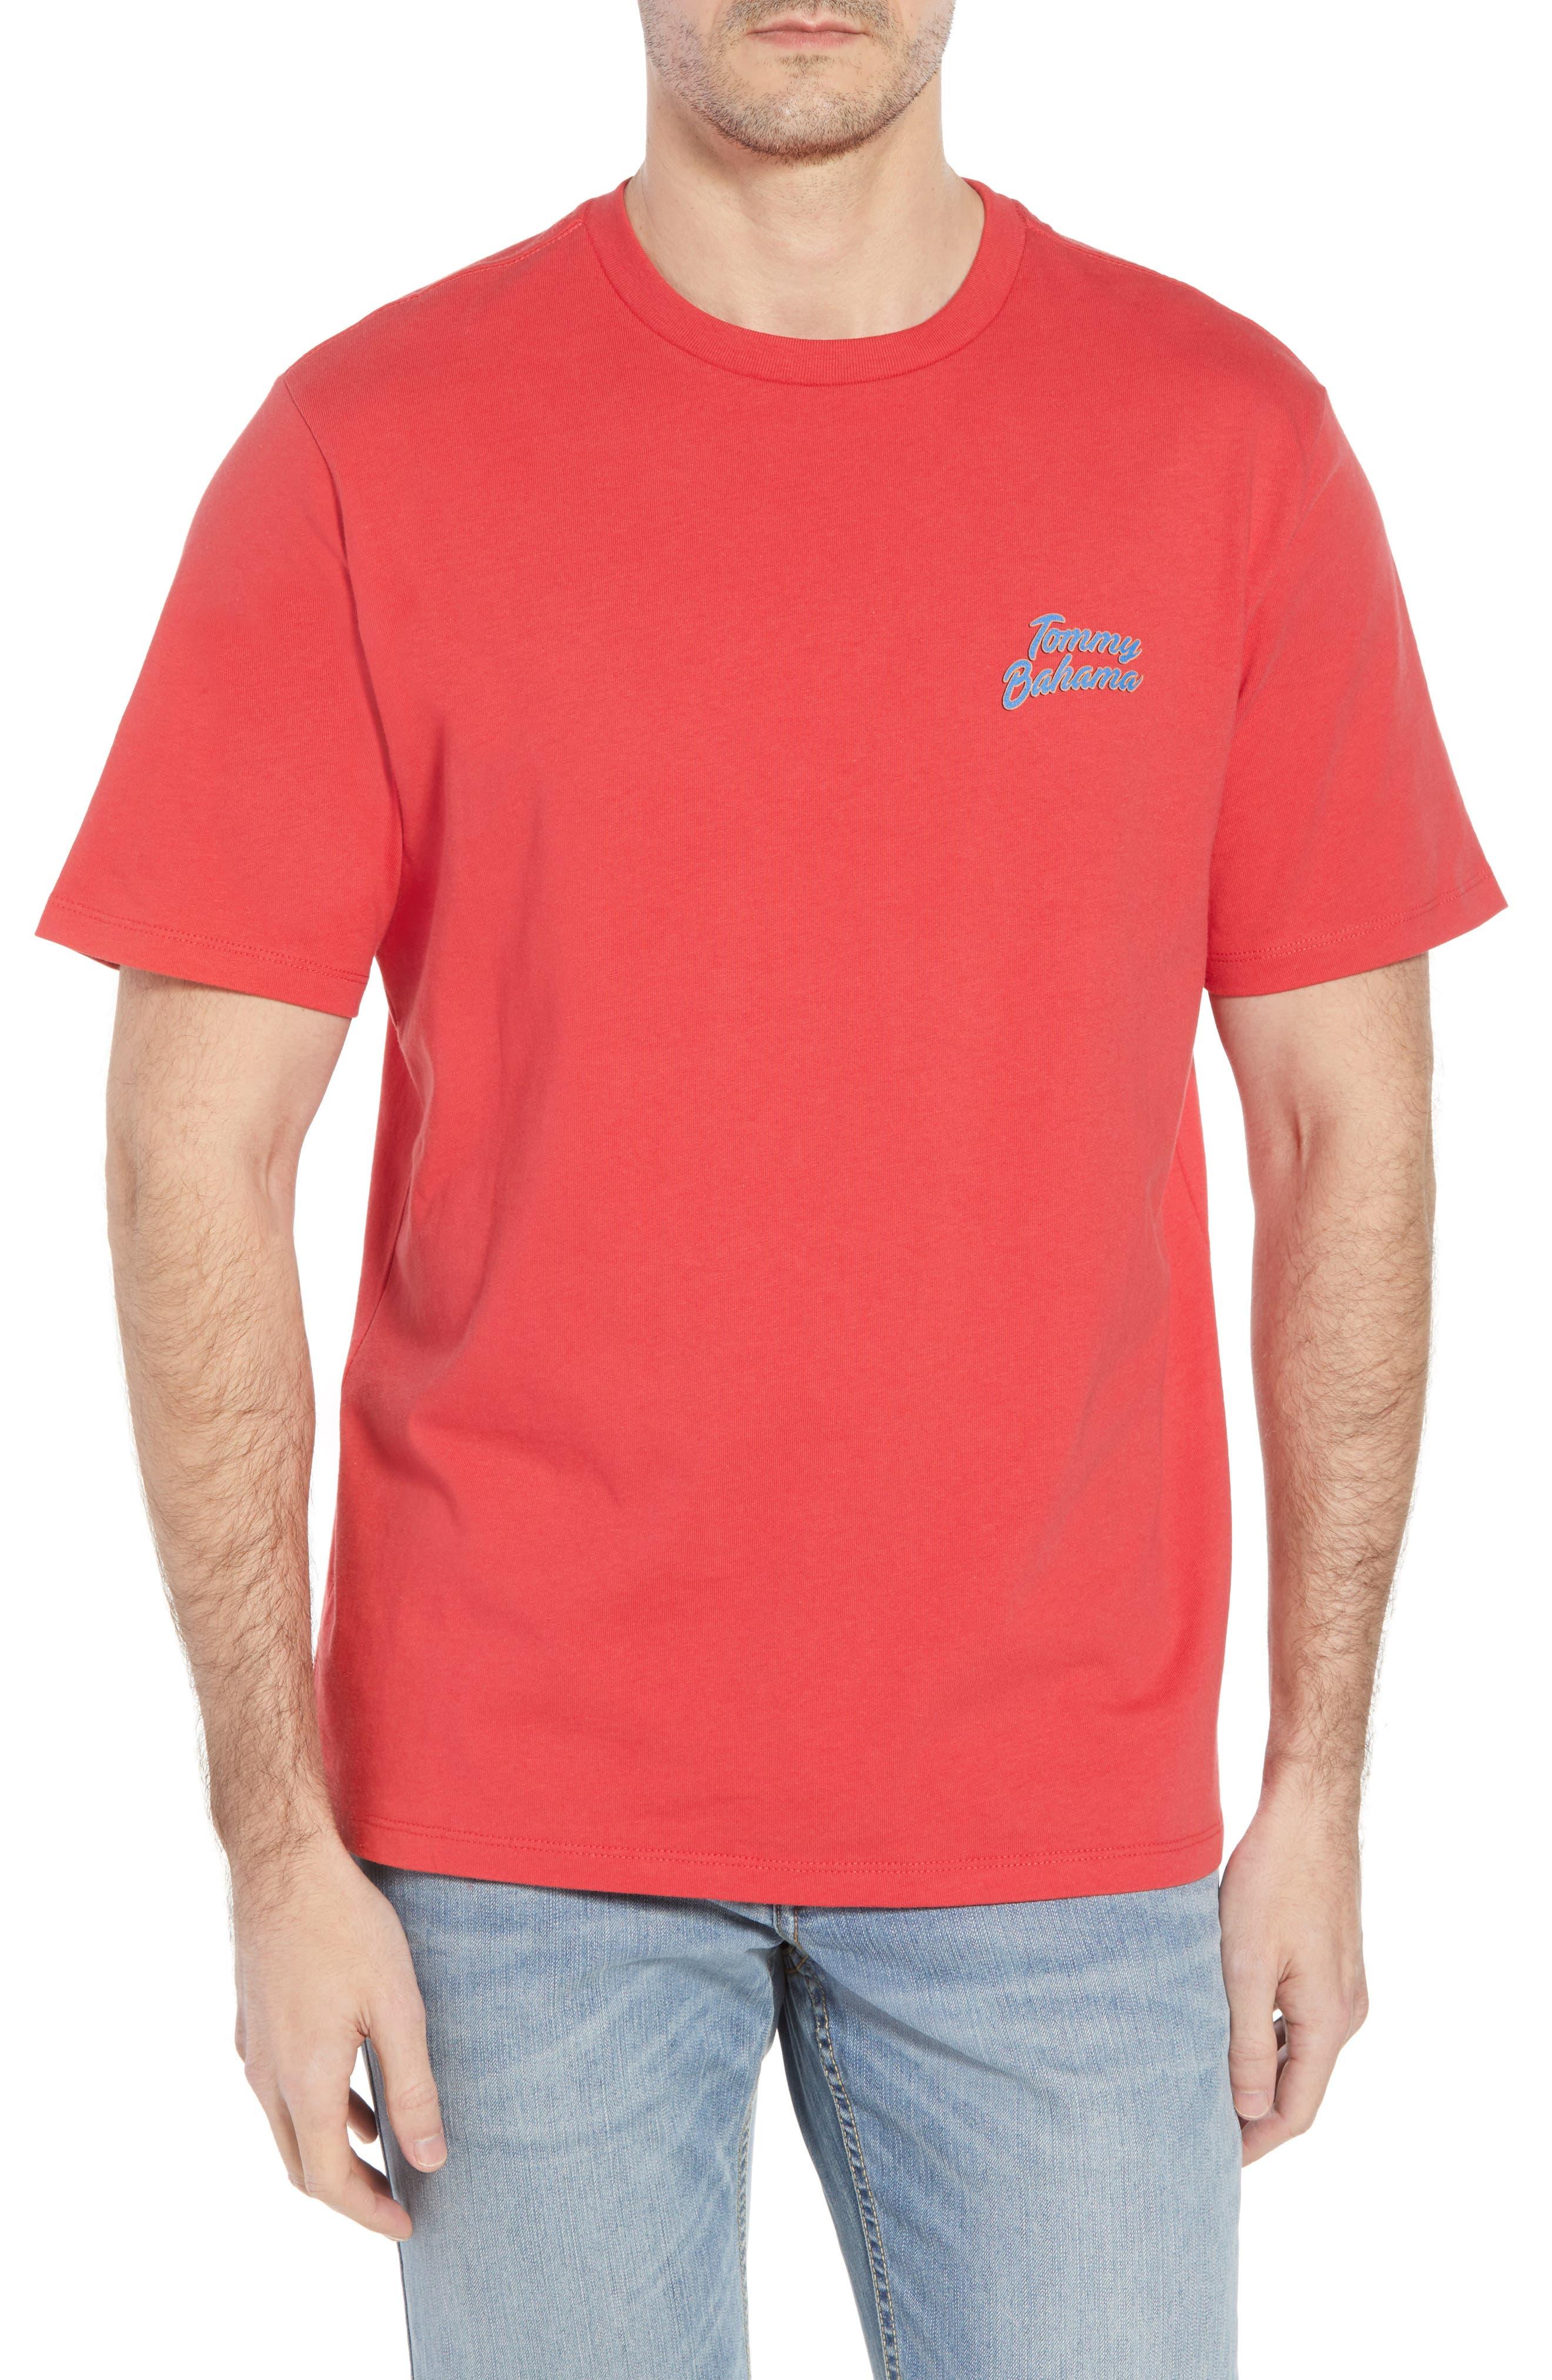 Tommy Bahama Thirst Base T-Shirt